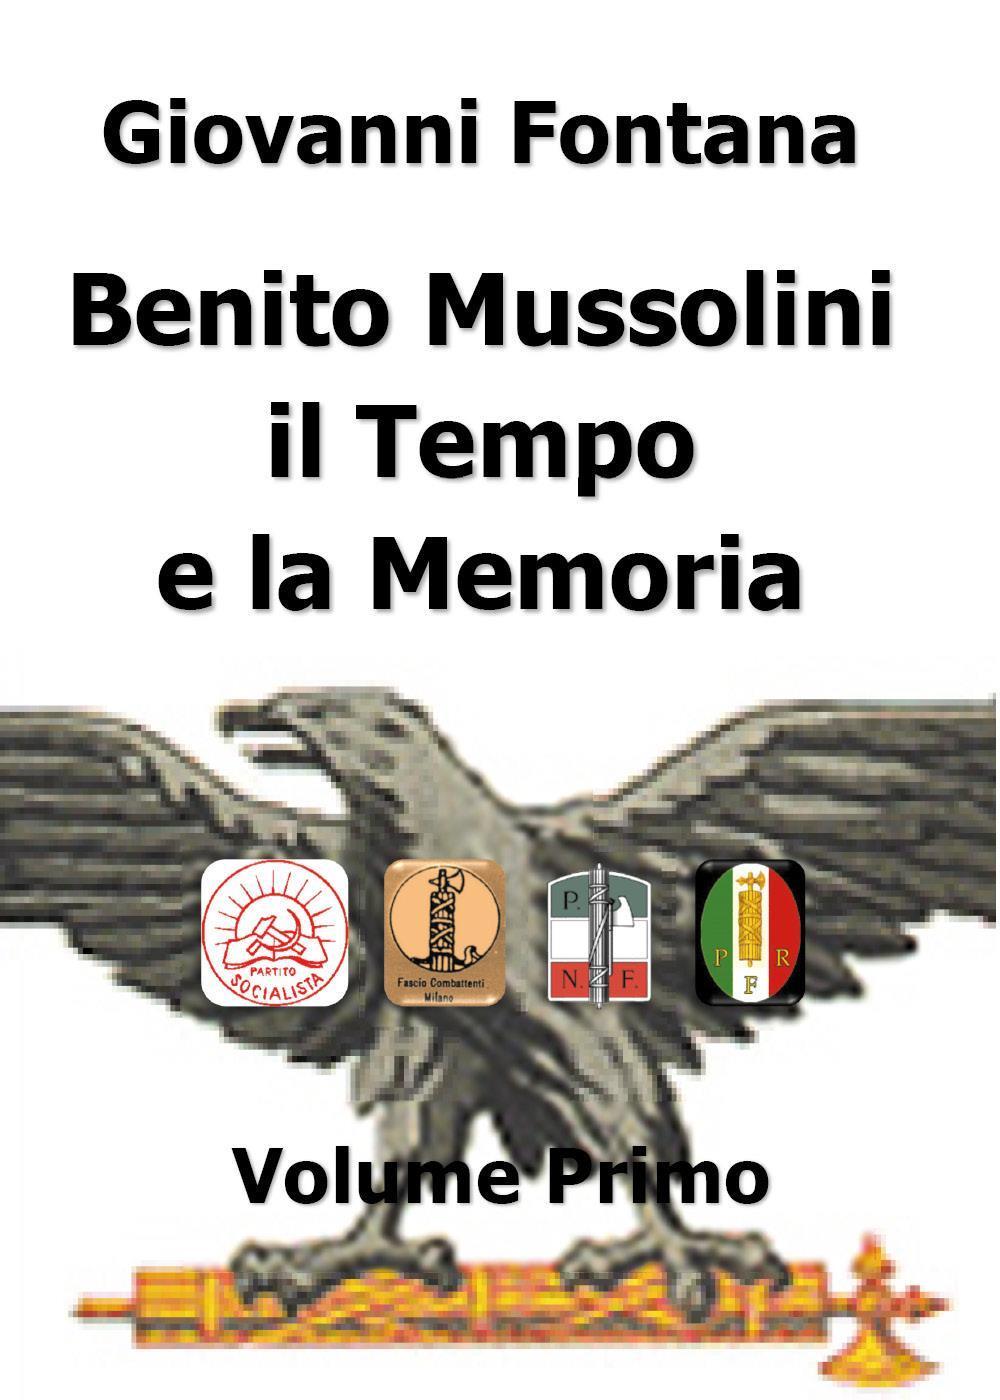 Benito Mussolini il Tempo e la Memoria Volume Primo